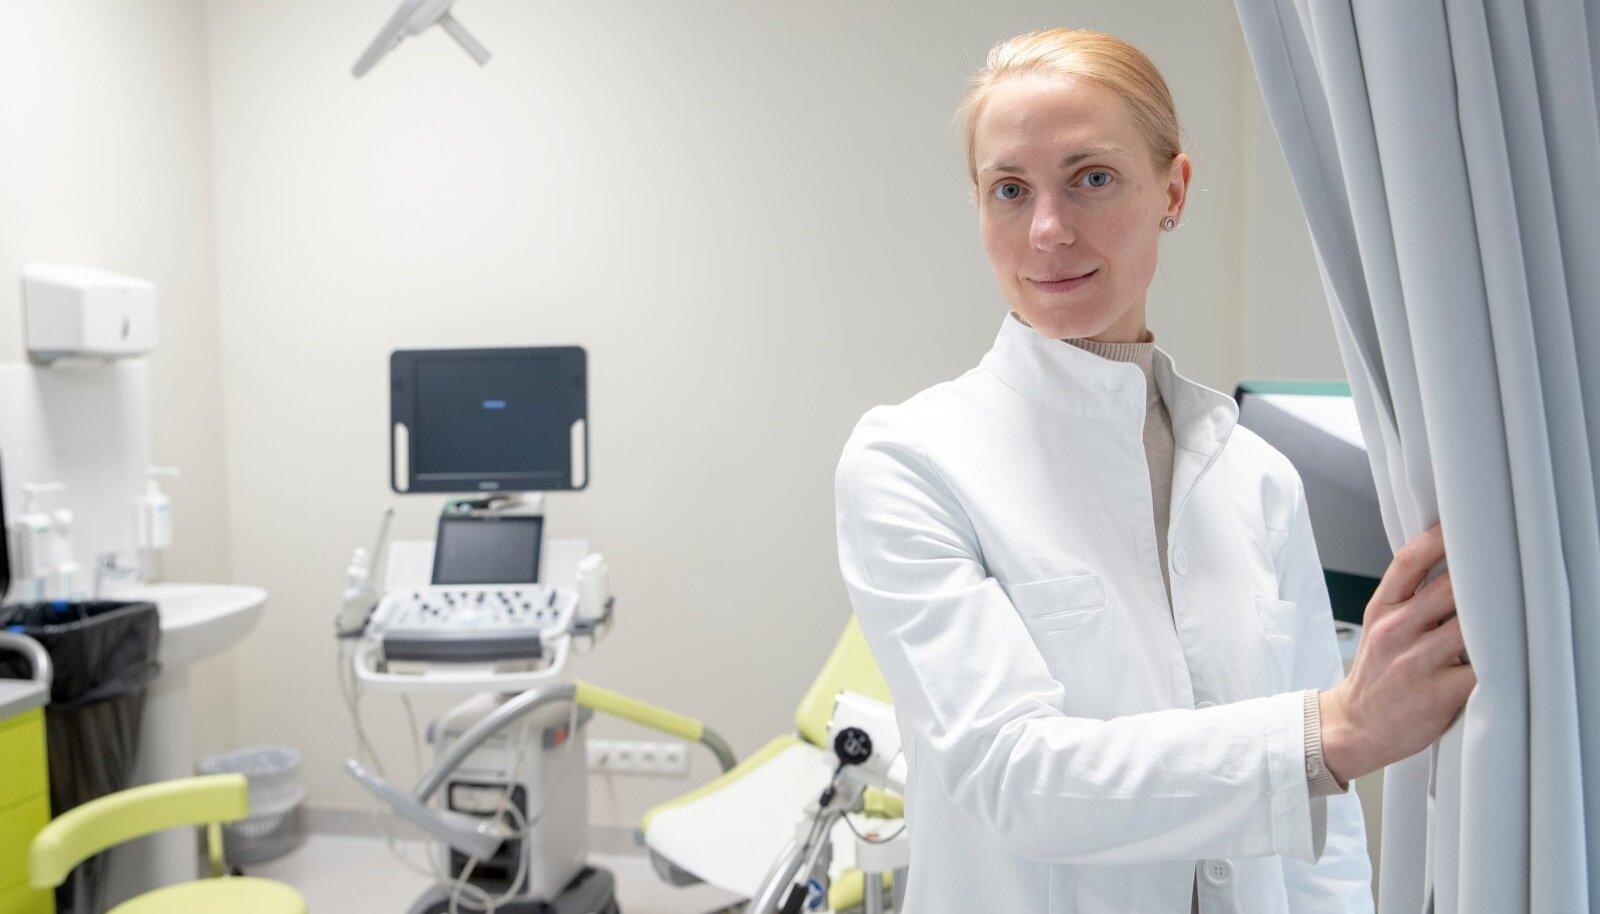 Kristina Kuhi sai geenitestist teada, et tal on väga suur nahamelanoomi haigestumise tõenäosus. Lauspäikese käes päevitamisest teab ta nüüd hoiduda.